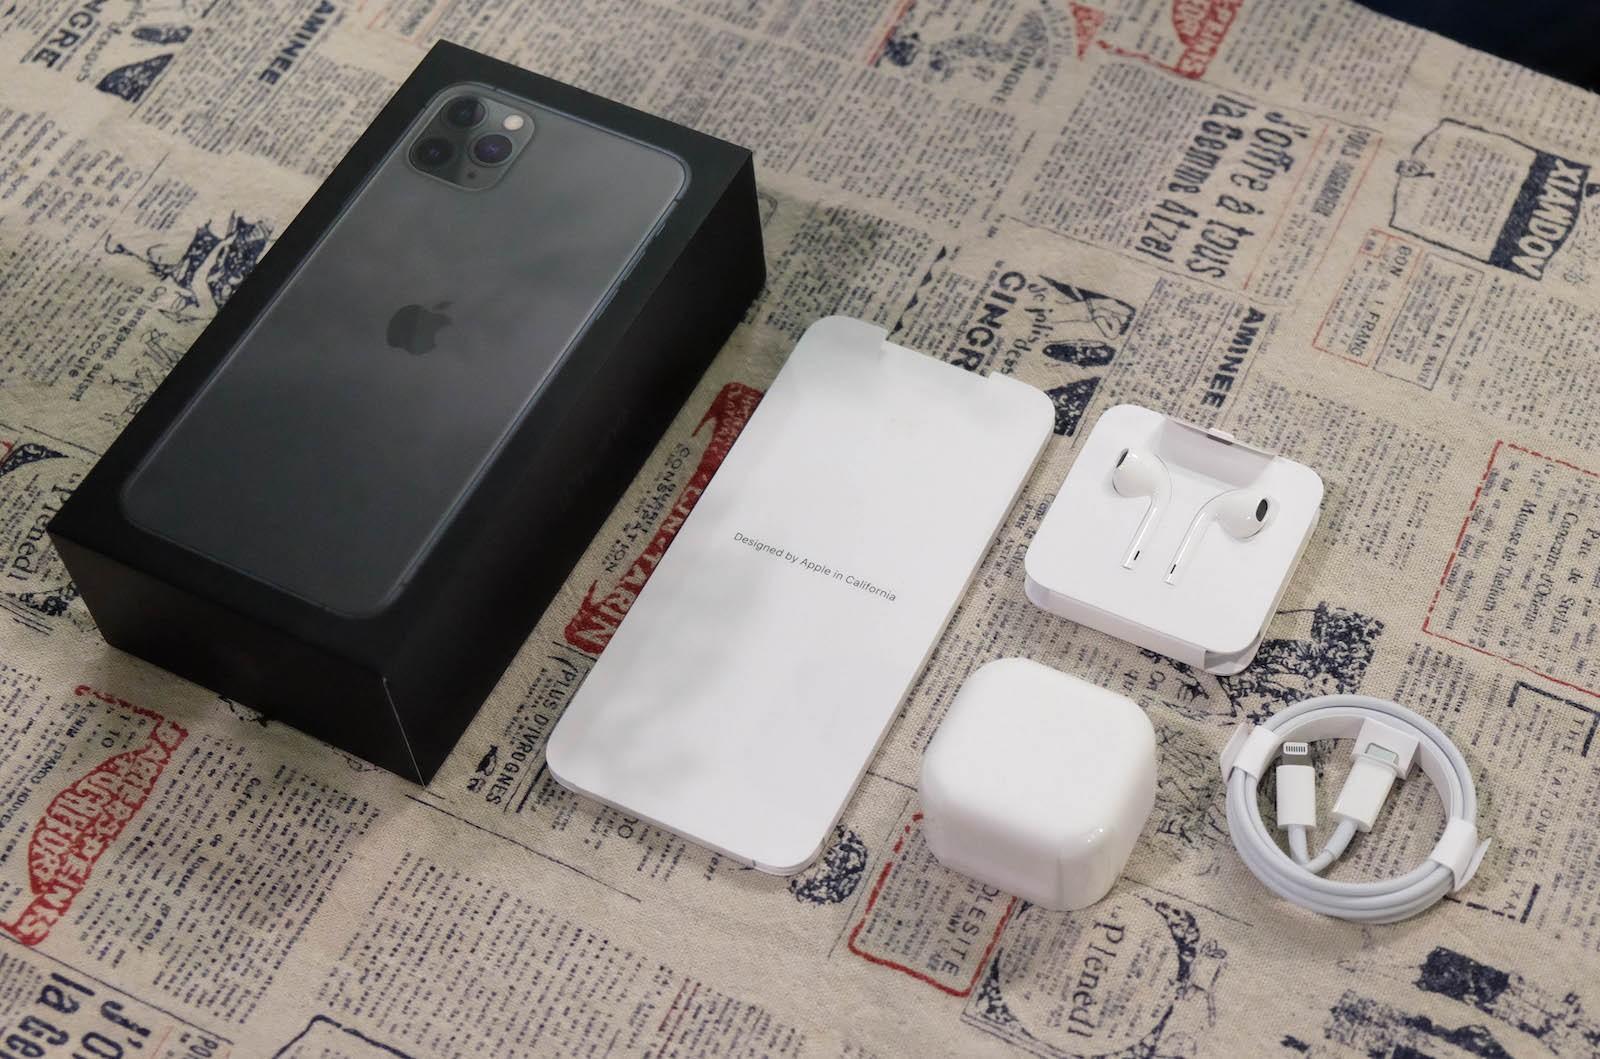 Chiêm ngưỡng bộ sưu tập từ iPhone 1 đến iPhone 11 Pro Max Ảnh 5